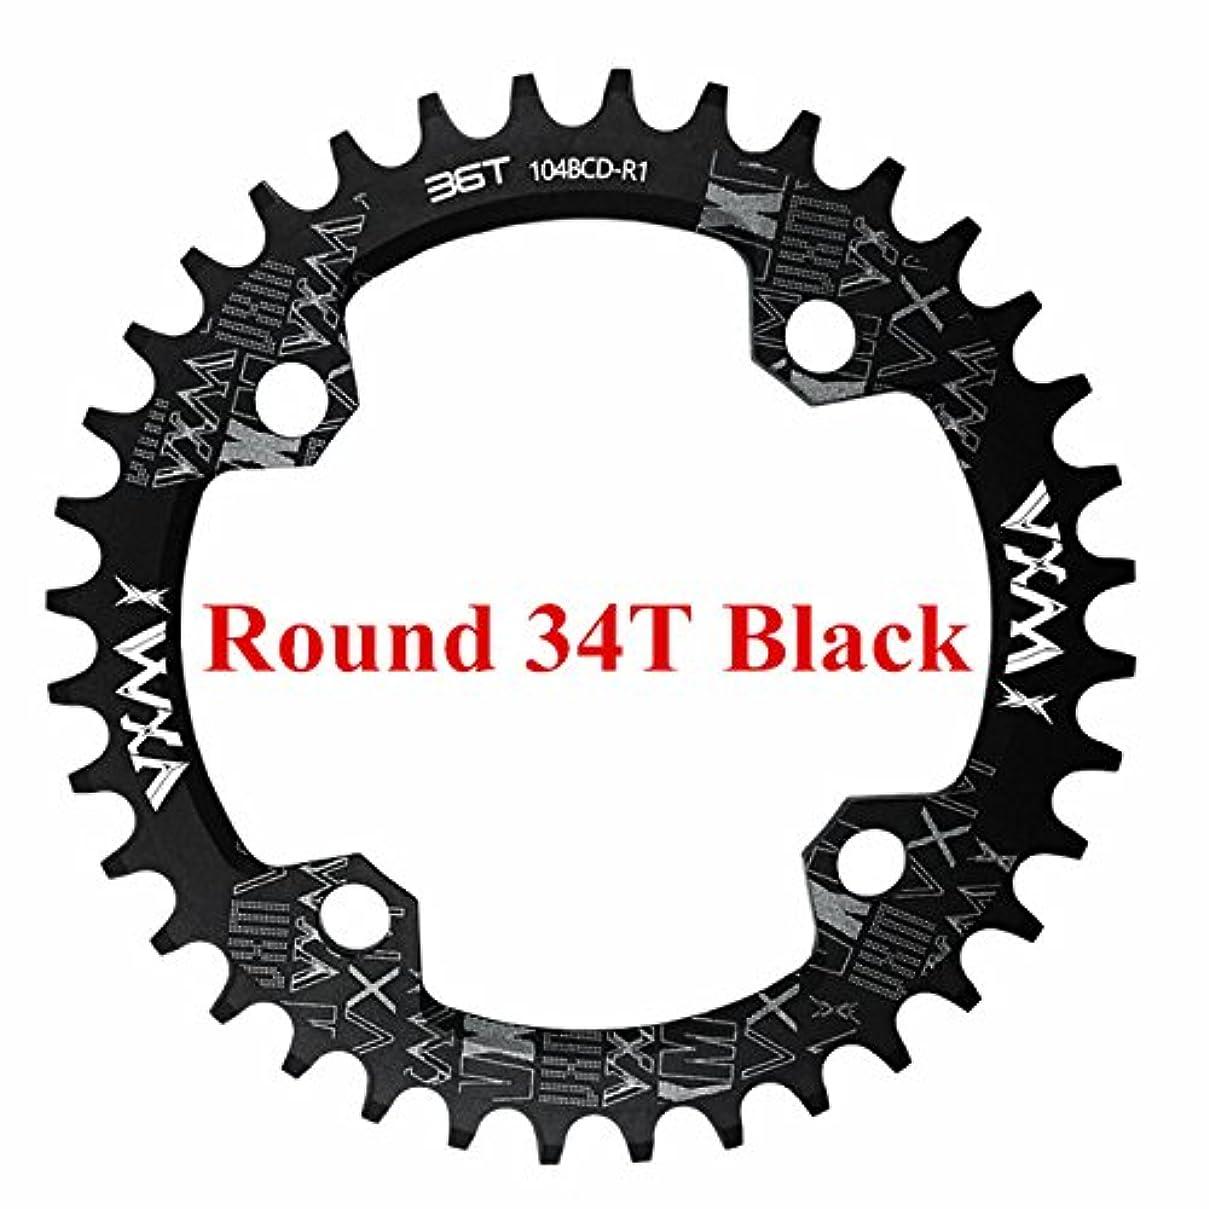 息子うがい薬逆にPropenary - 自転車104BCDクランクオーバルラウンド30T 32T 34T 36T 38T 40T 42T 44T 46T 48T 50T 52TチェーンホイールXT狭い広い自転車チェーンリング[ラウンド34T...